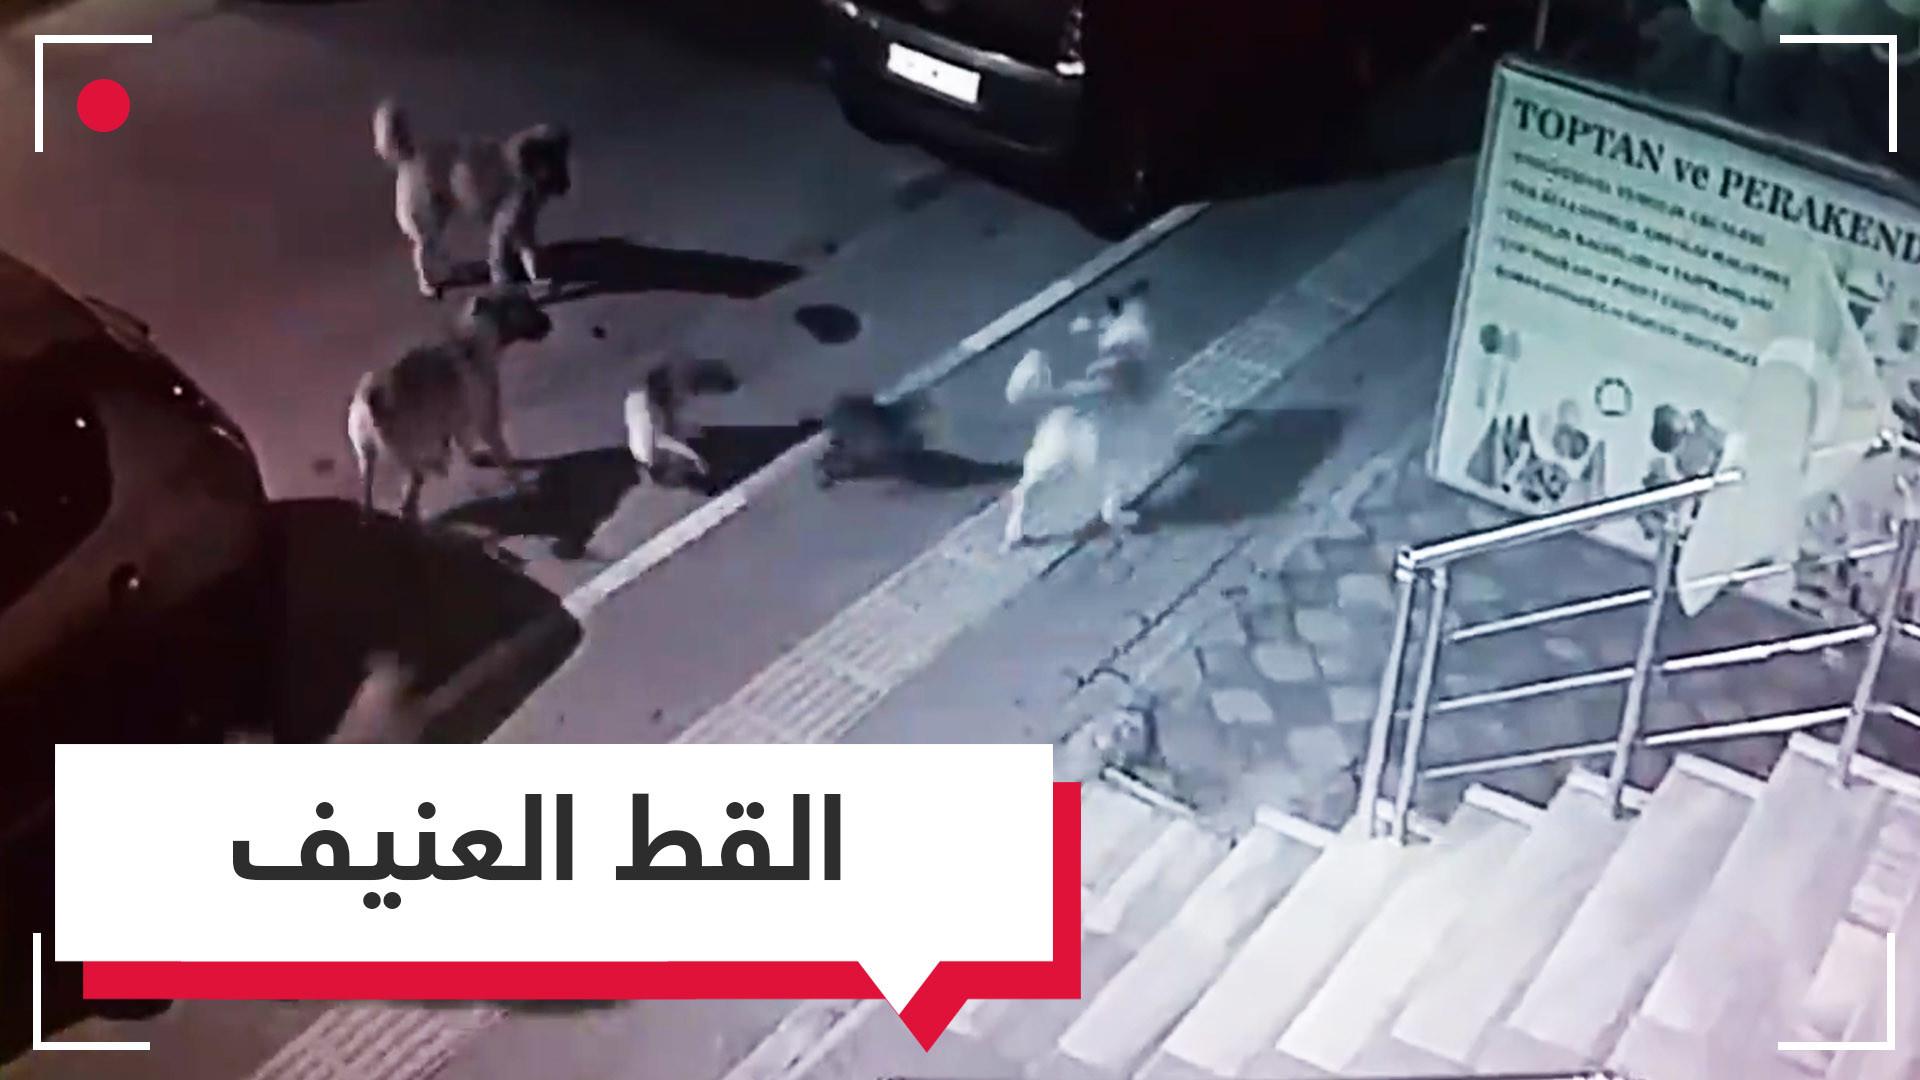 من سينتصر؟.. قط يواجه بمفرده قطيعا من الكلاب في شارع بتركيا